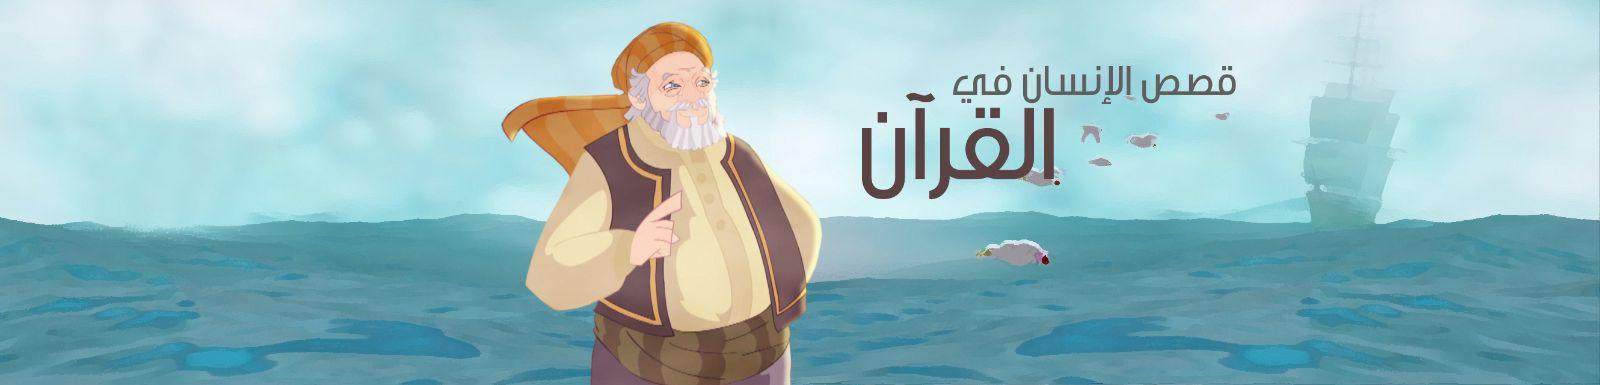 تحميل مسلسل قصص الإنسان في القرآن الحلقة 11